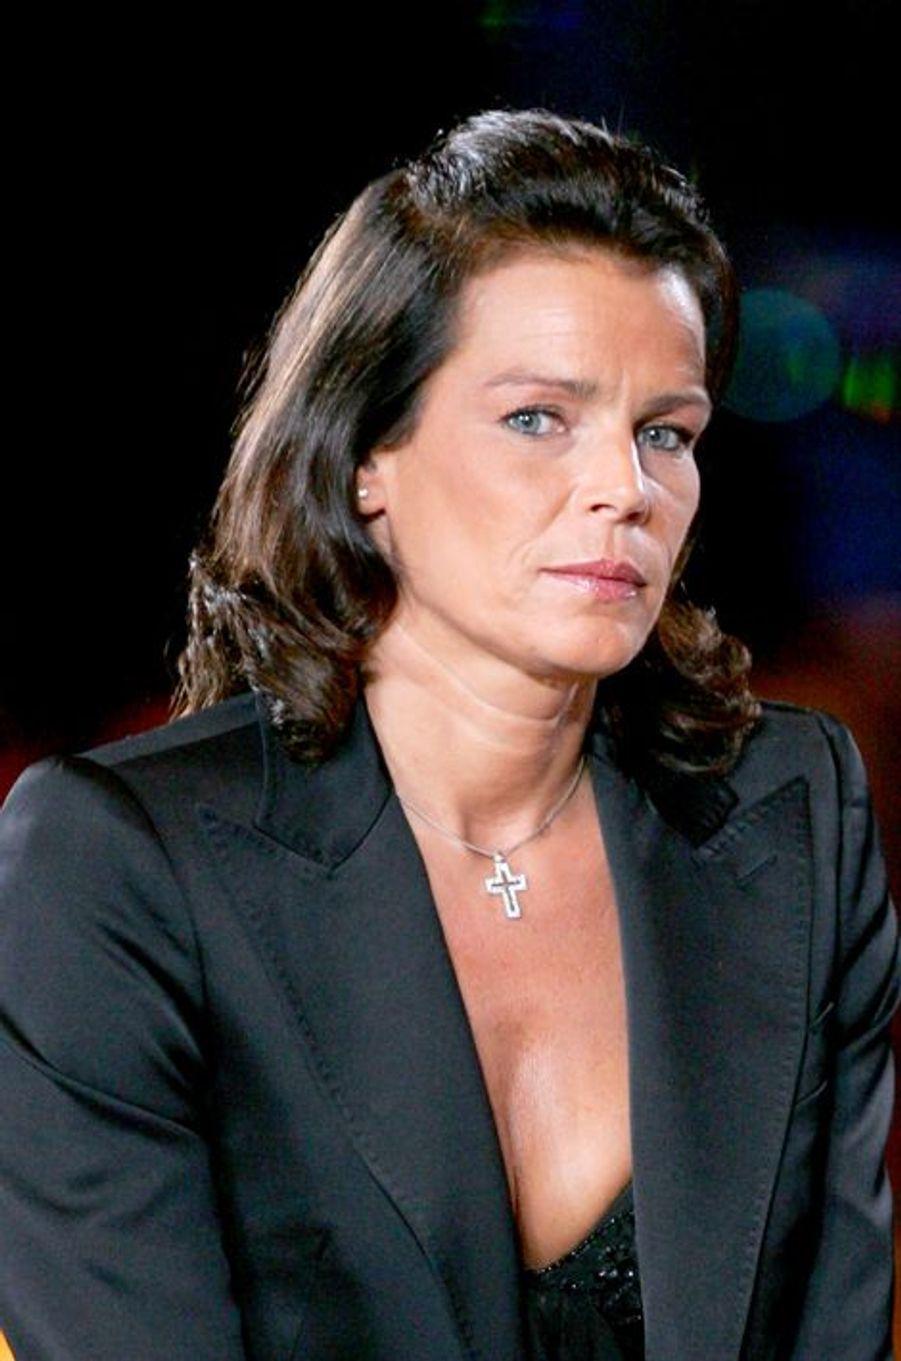 La princesse Stéphanie de Monaco le 1er juin 2007